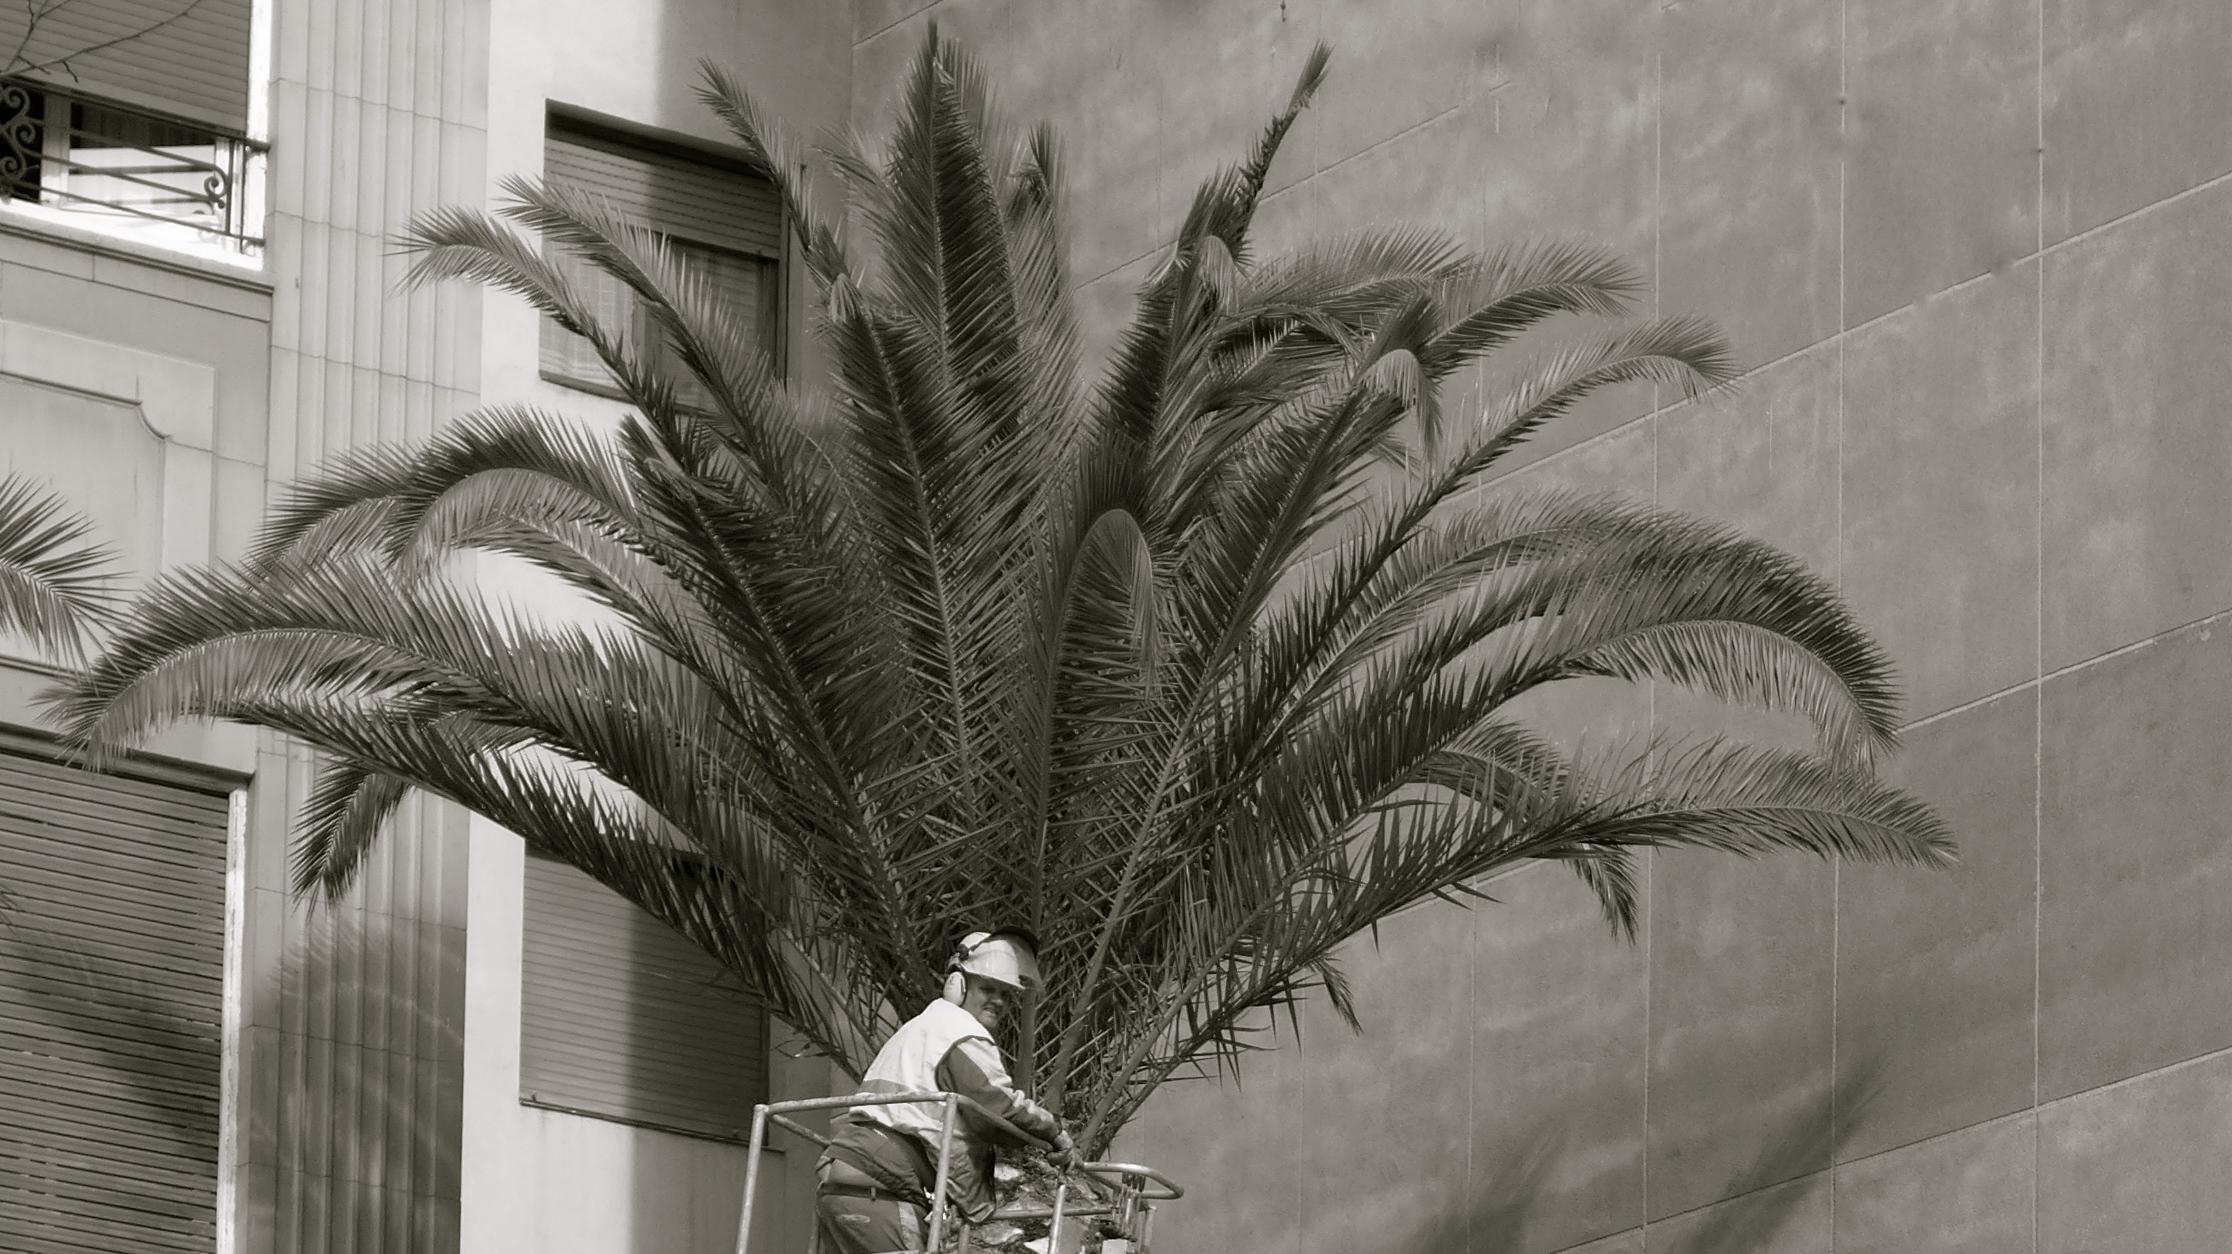 Poda de palmeras - 2